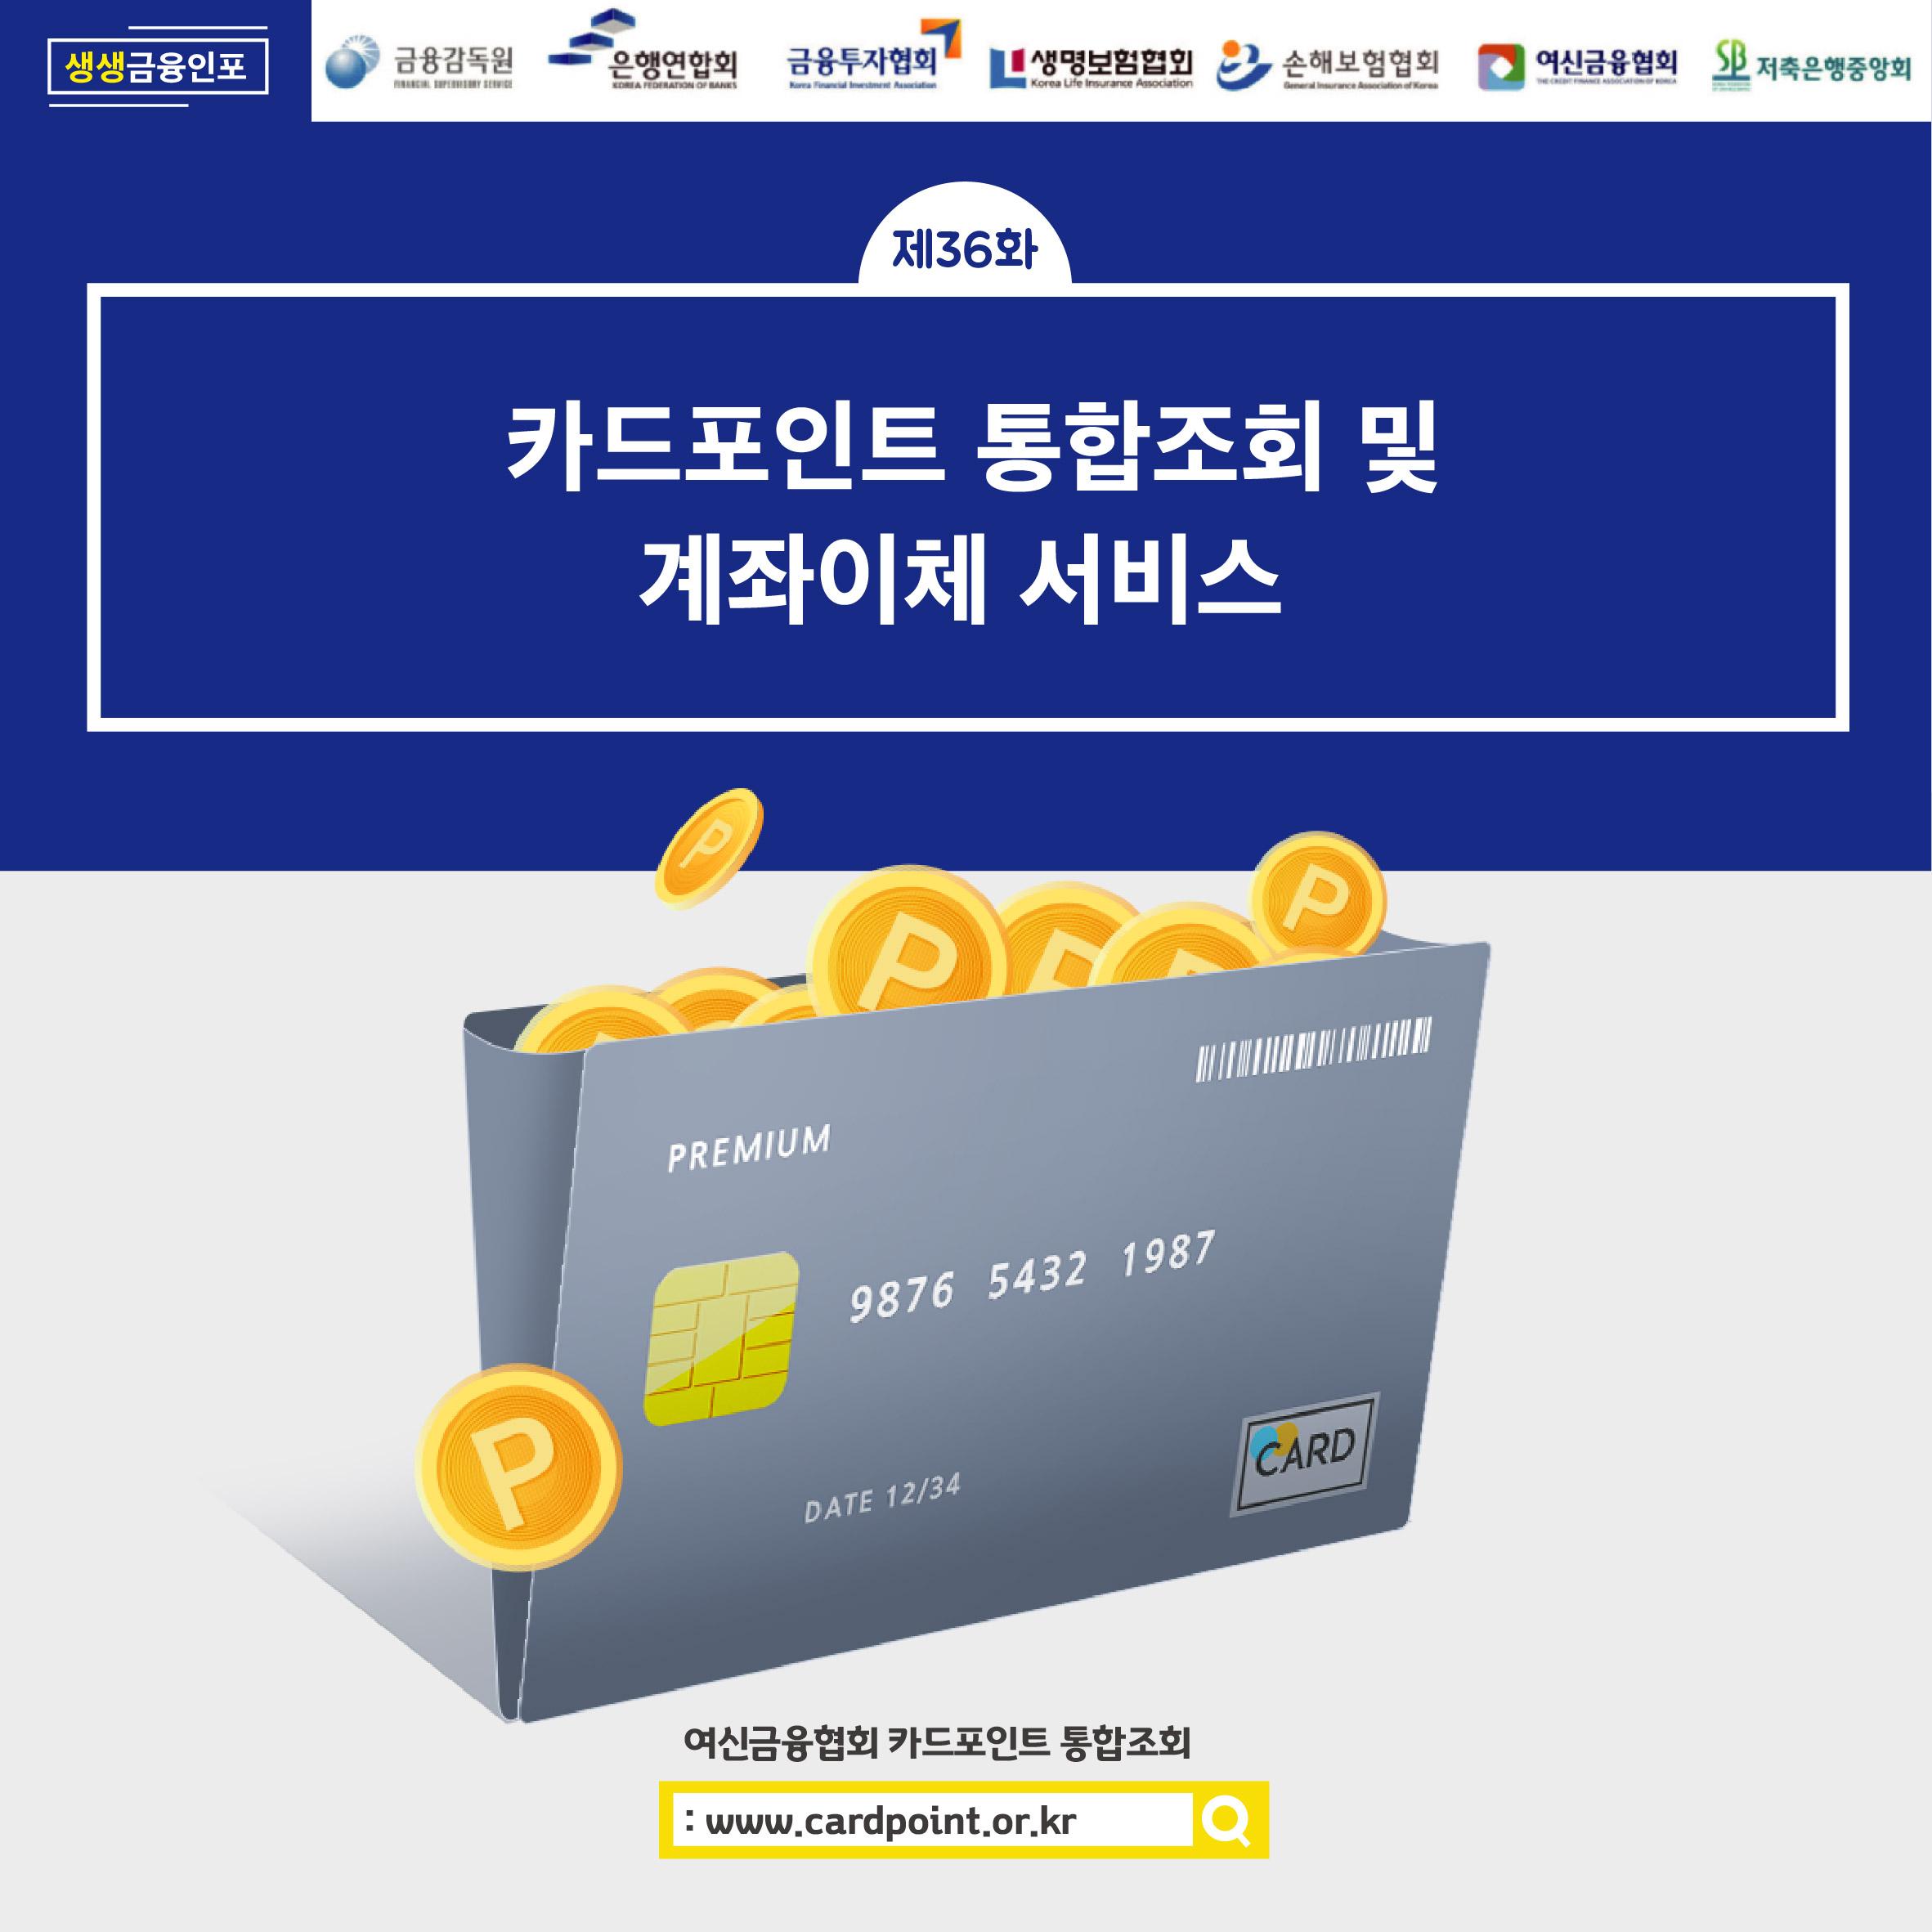 생생금융인포  : 카드포인트 통합조회 및 계좌이체 서비스  여신금융협회 카드포인트 통합조회 : www.cardpoint.or.kr